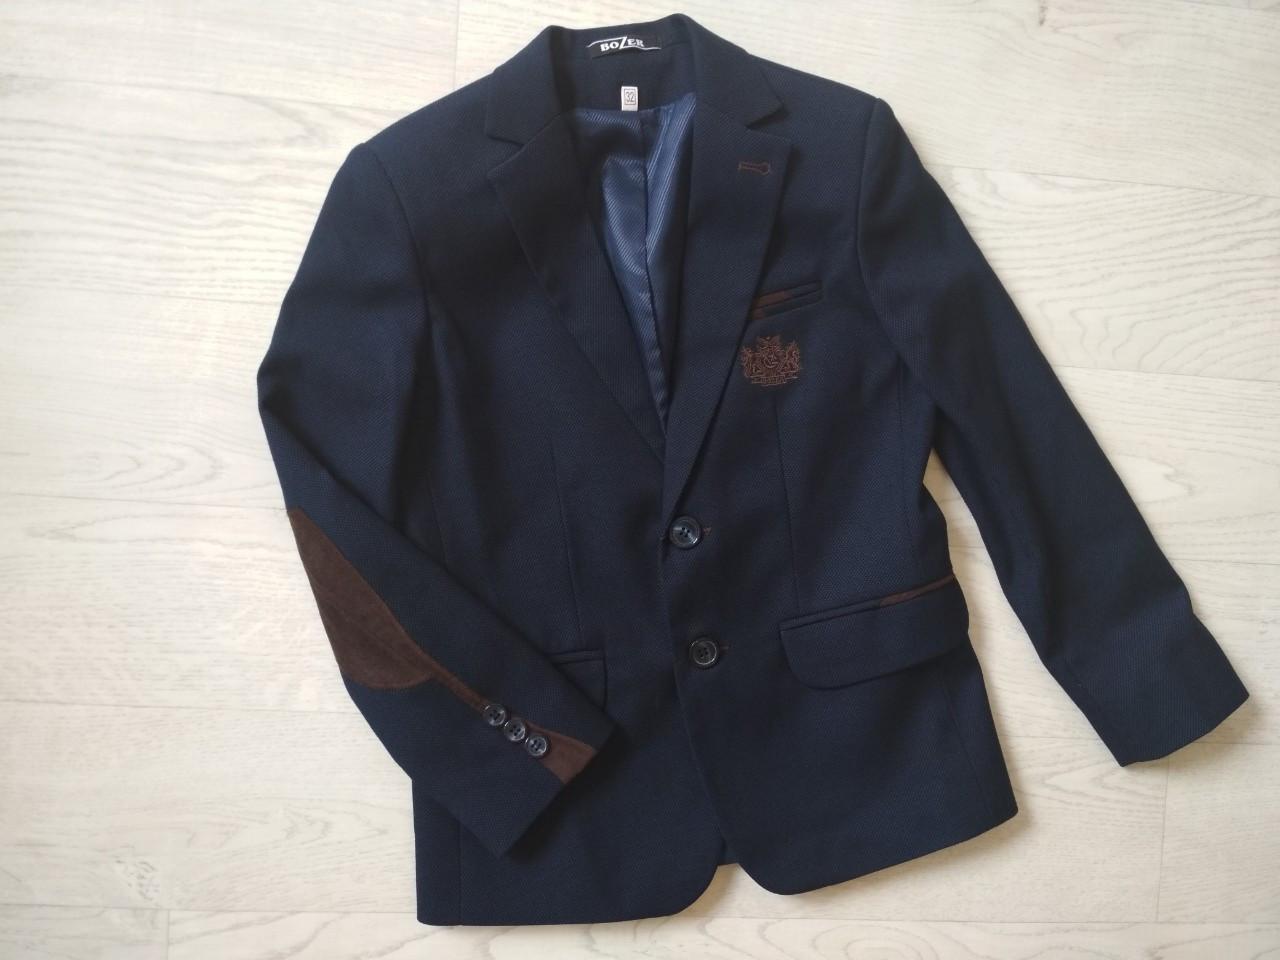 Школьный пиджак для мальчика р. 122, 128, 134, 140, 146, 152